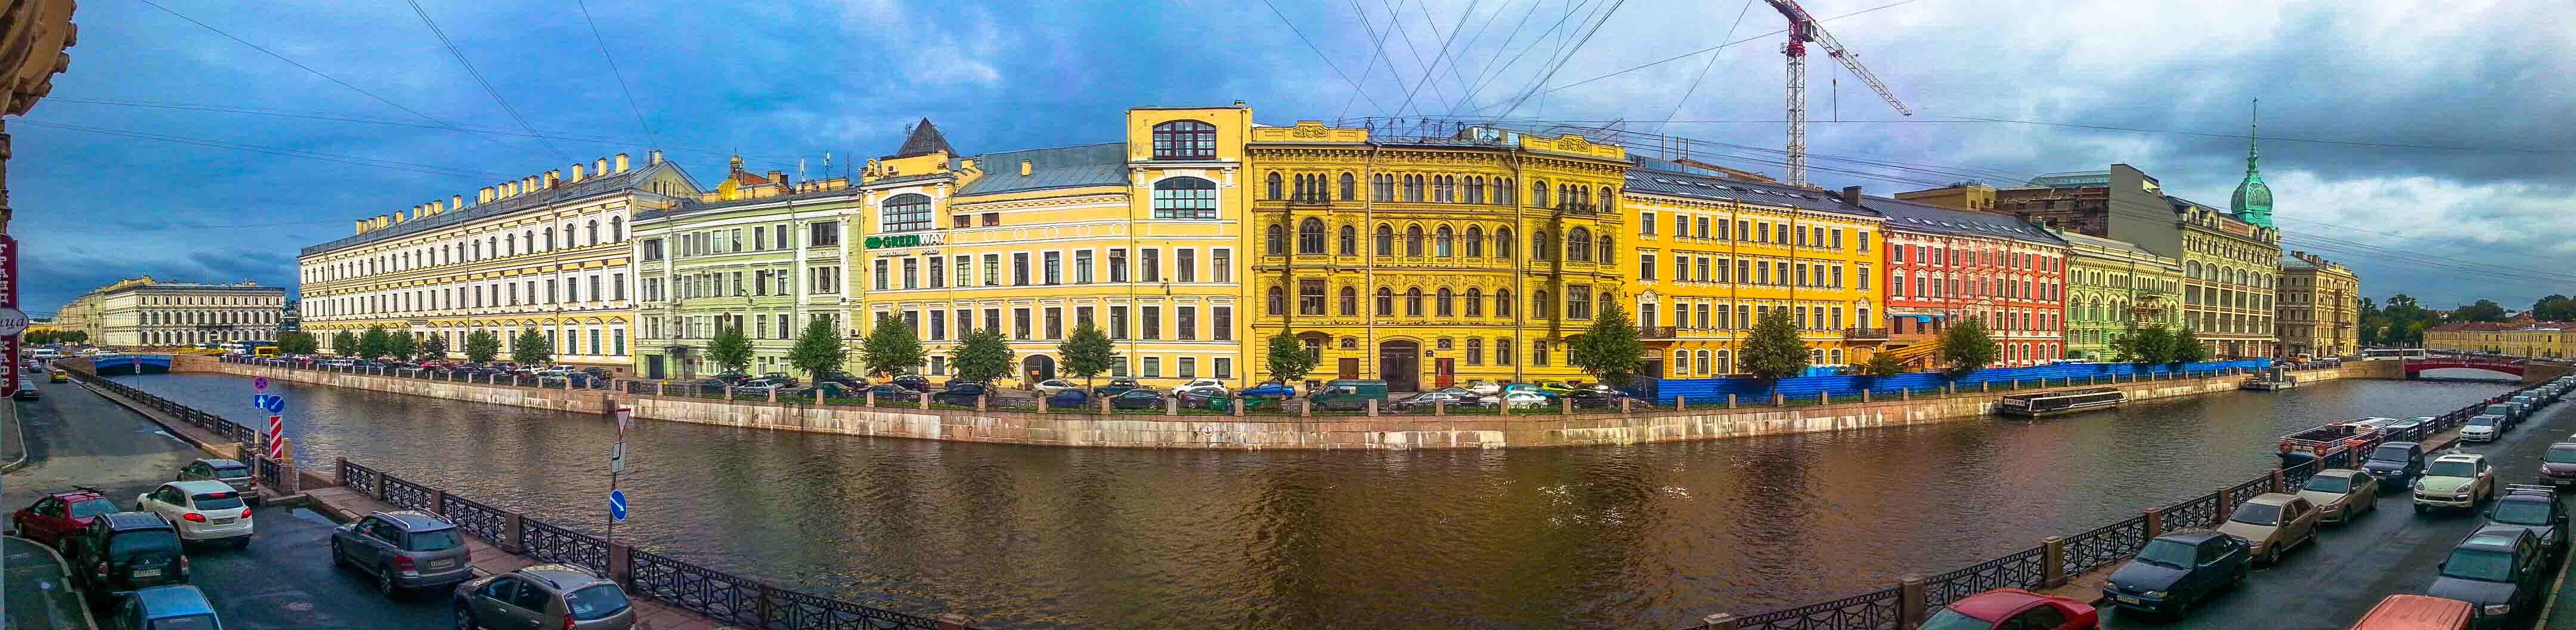 Saint Petersburg,St.Petersburg,russia,Hermitage Museum,russia